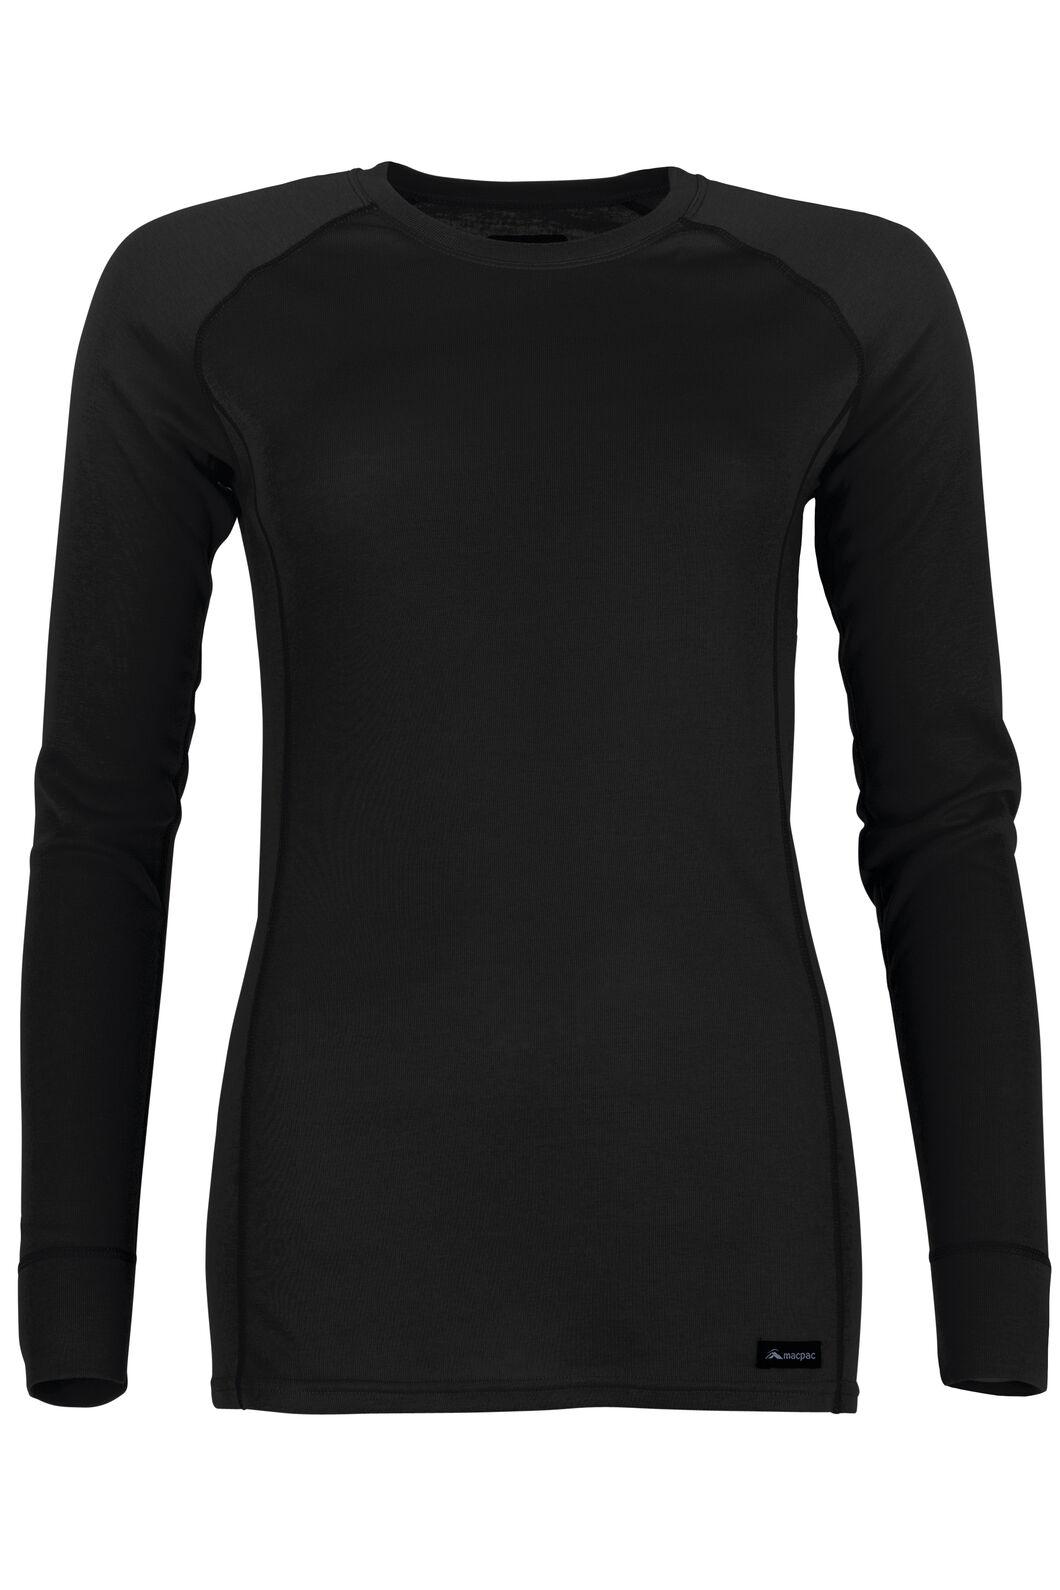 Geothermal Long Sleeve Top - Women's, Black, hi-res